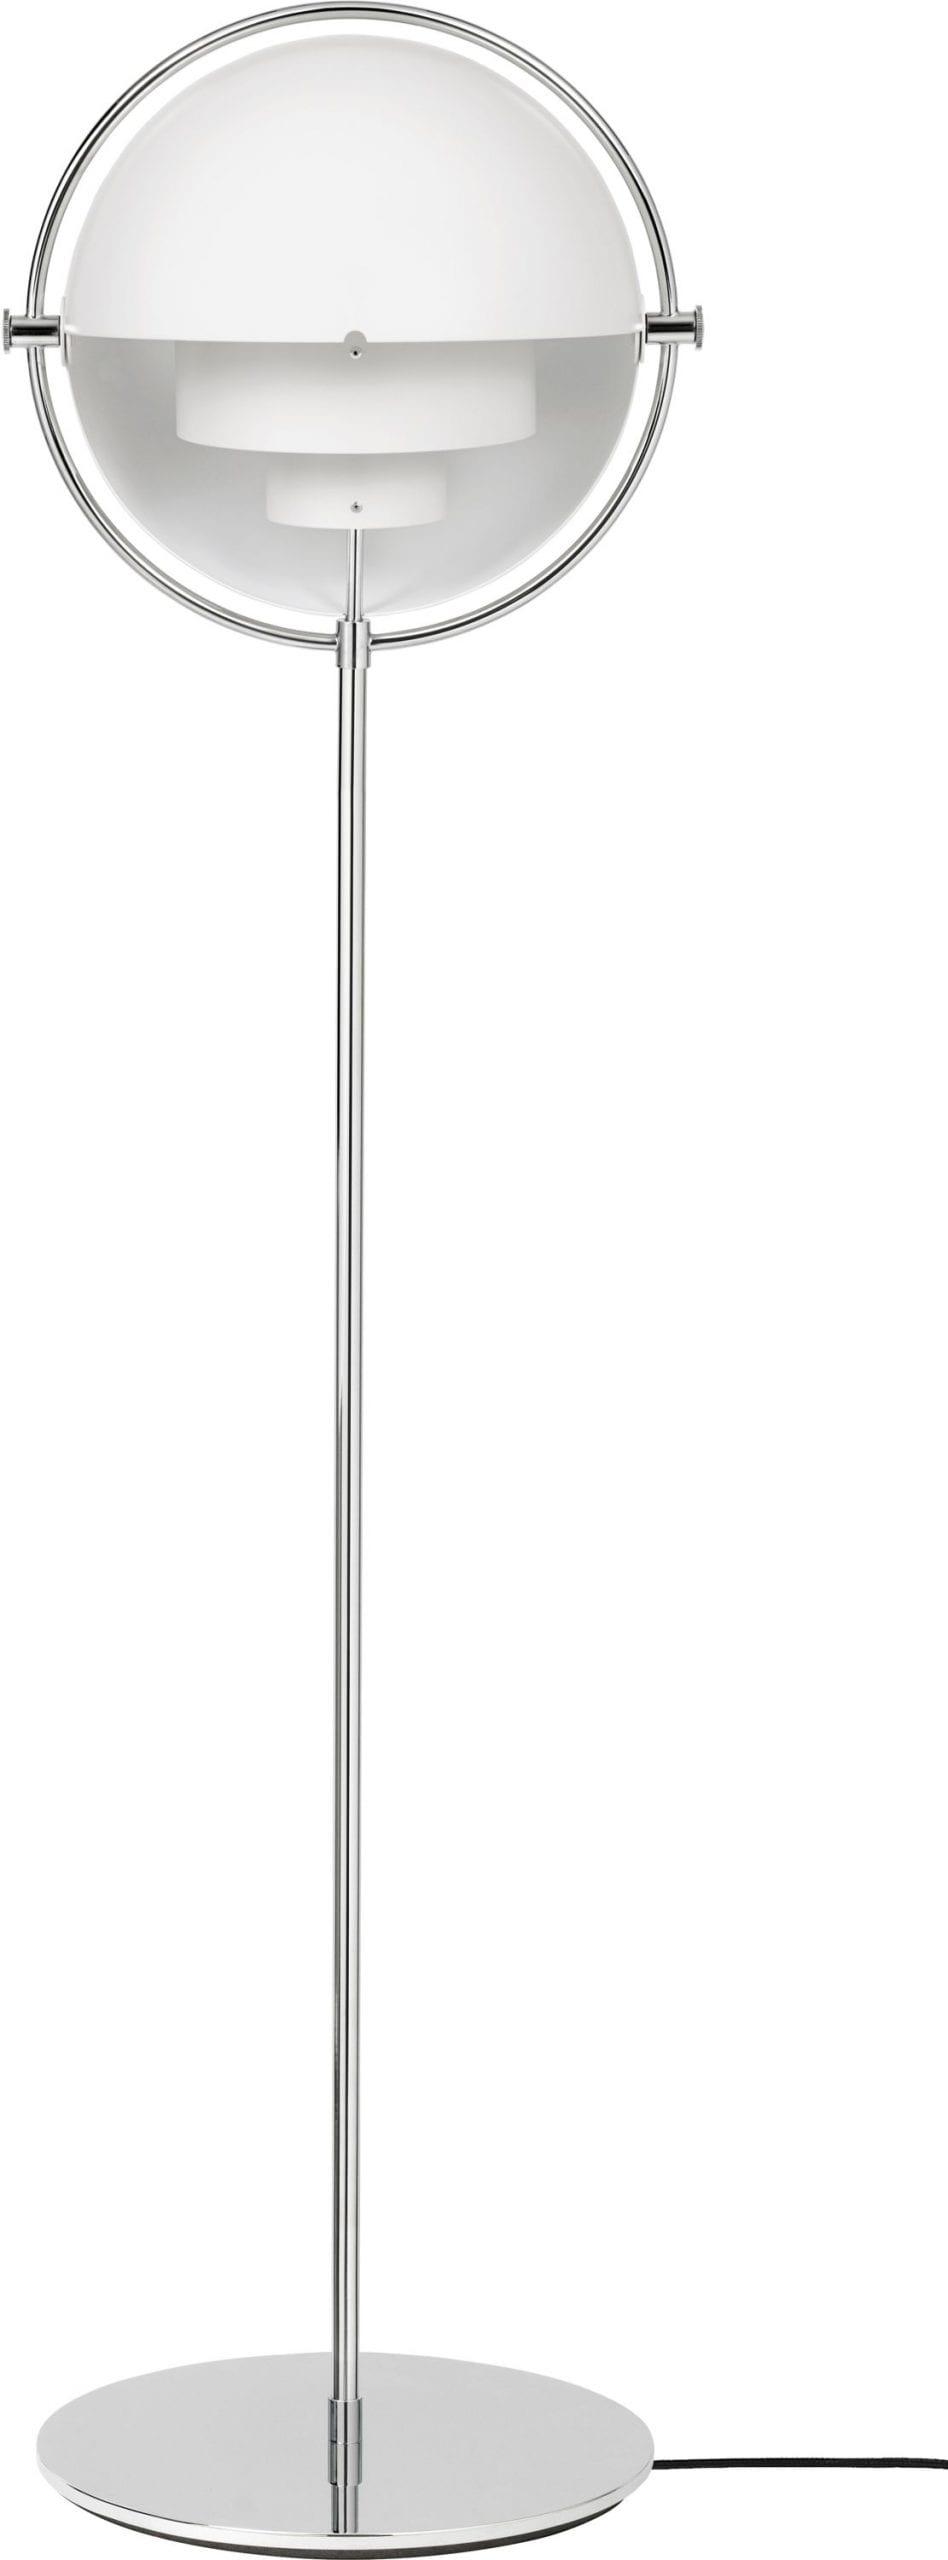 Multi Lite Floor Lamp – Chrome Base